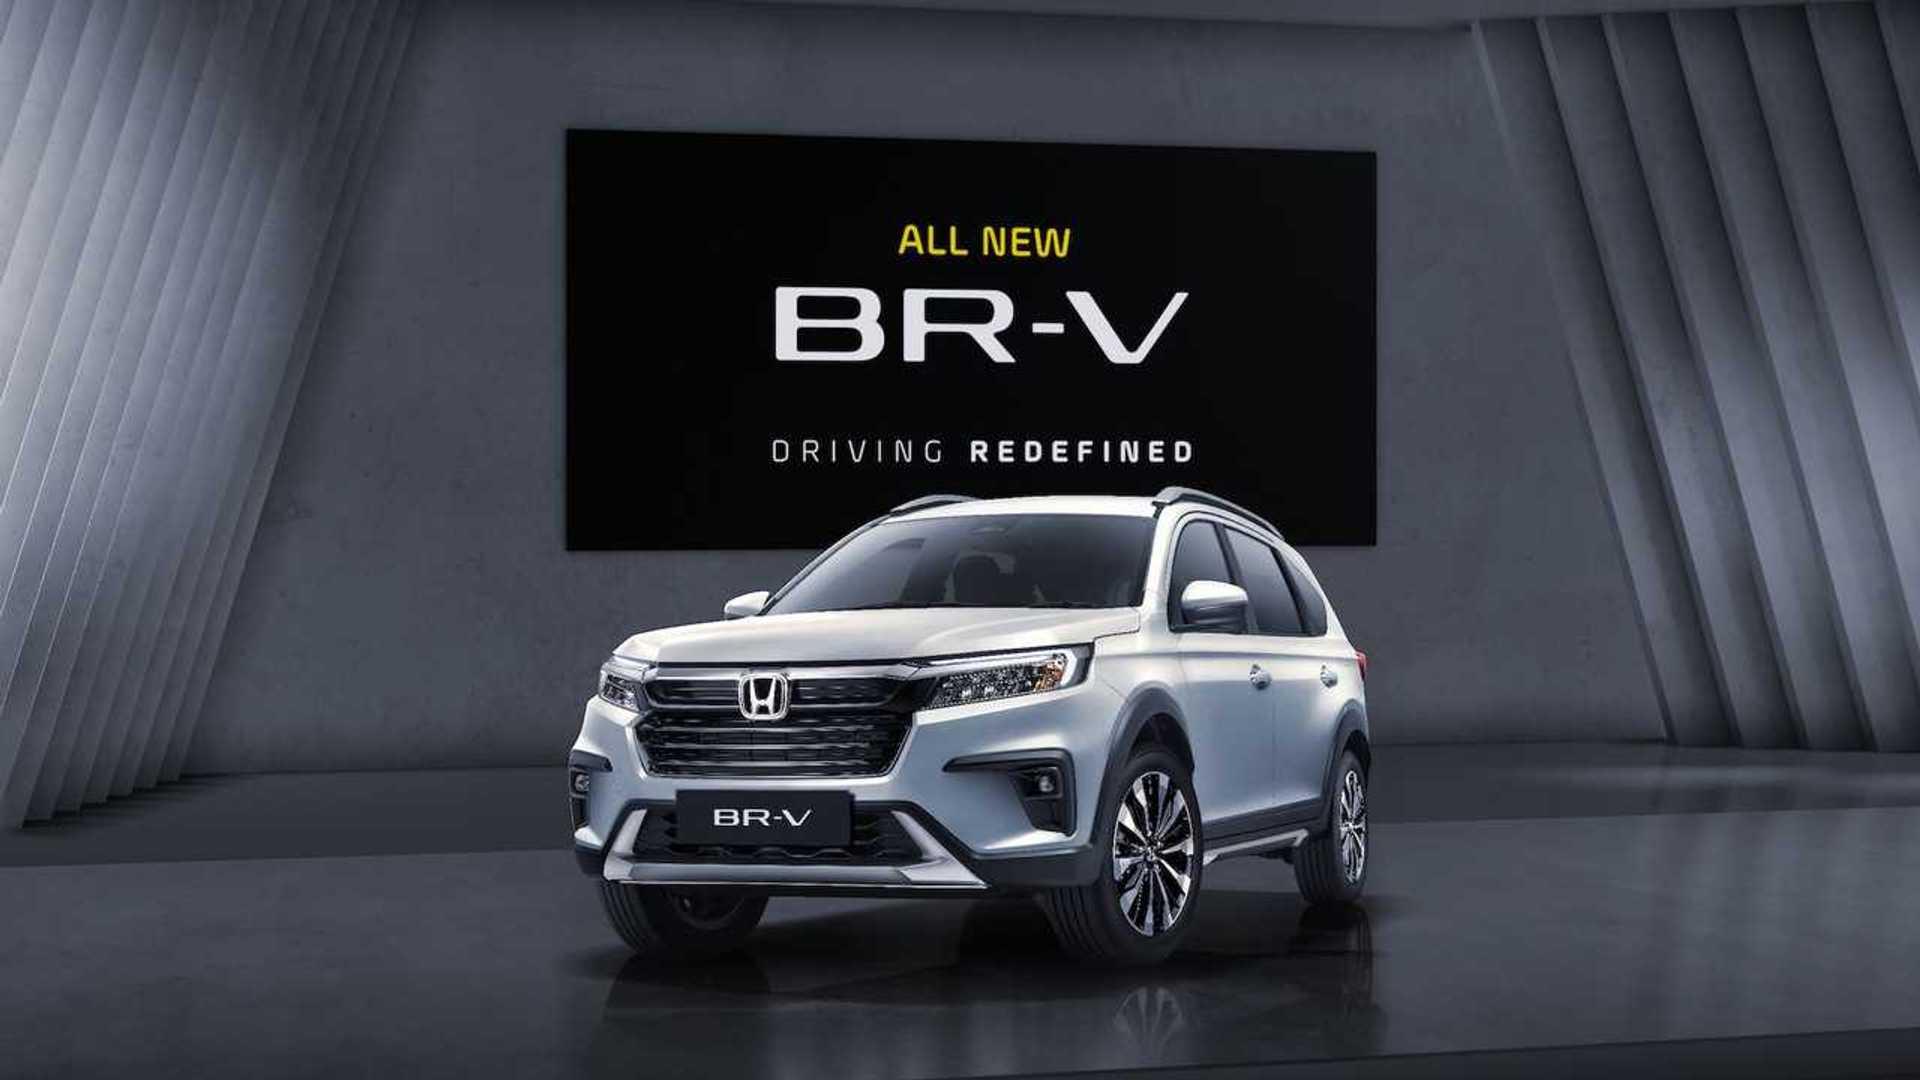 2021 Honda BR-V'nin örtüsü kaldırıldı!